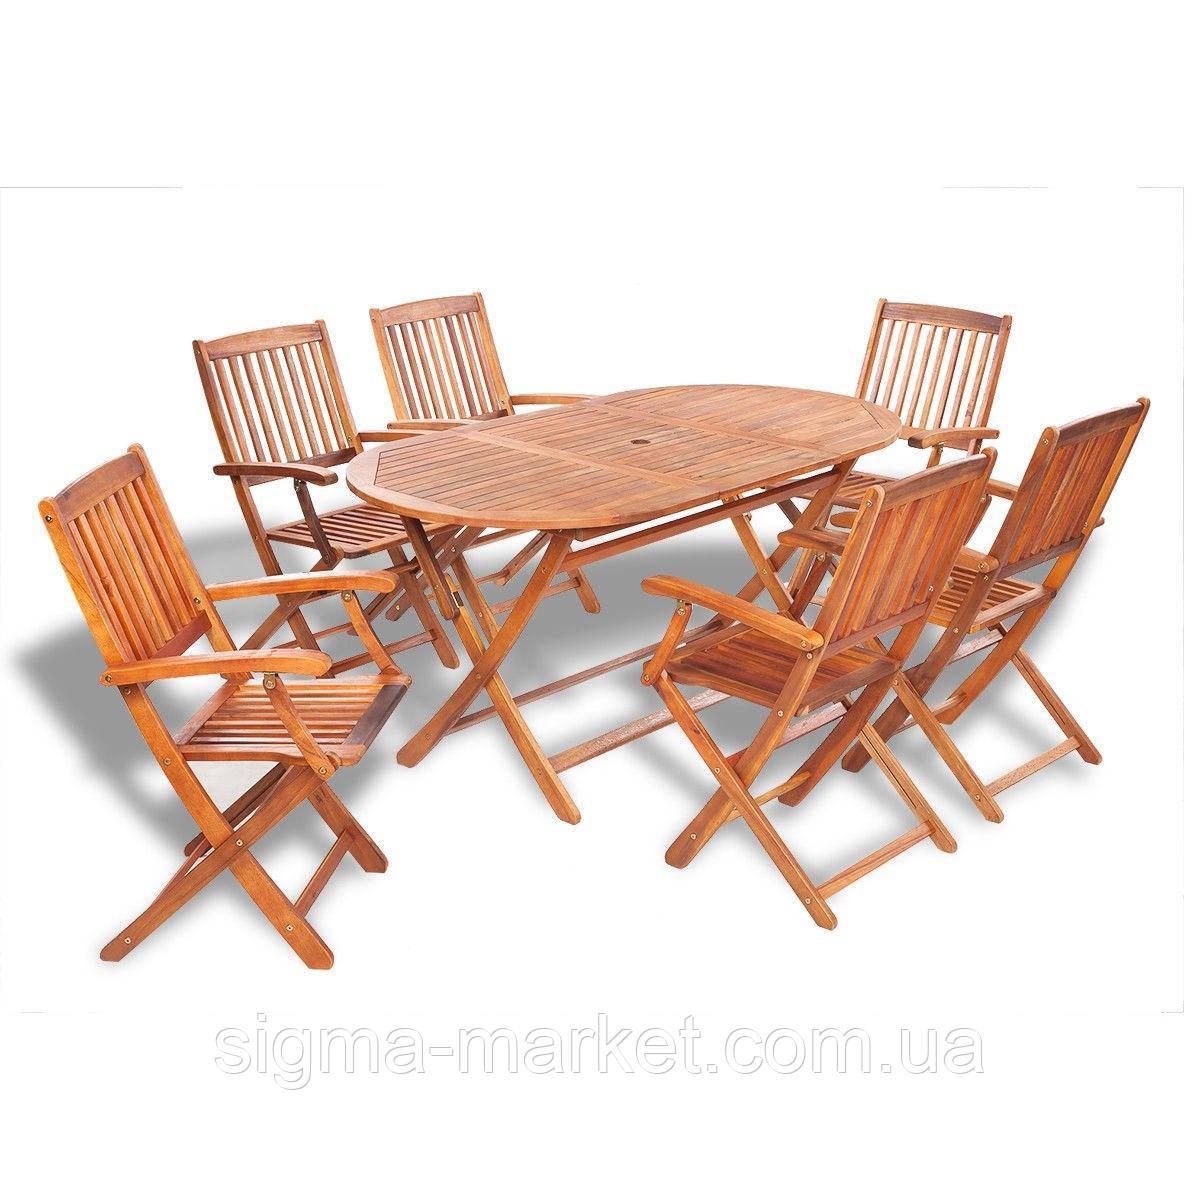 Садовая мебель ДЕРЕВЯННЫЙ складной стол + 6 стульев